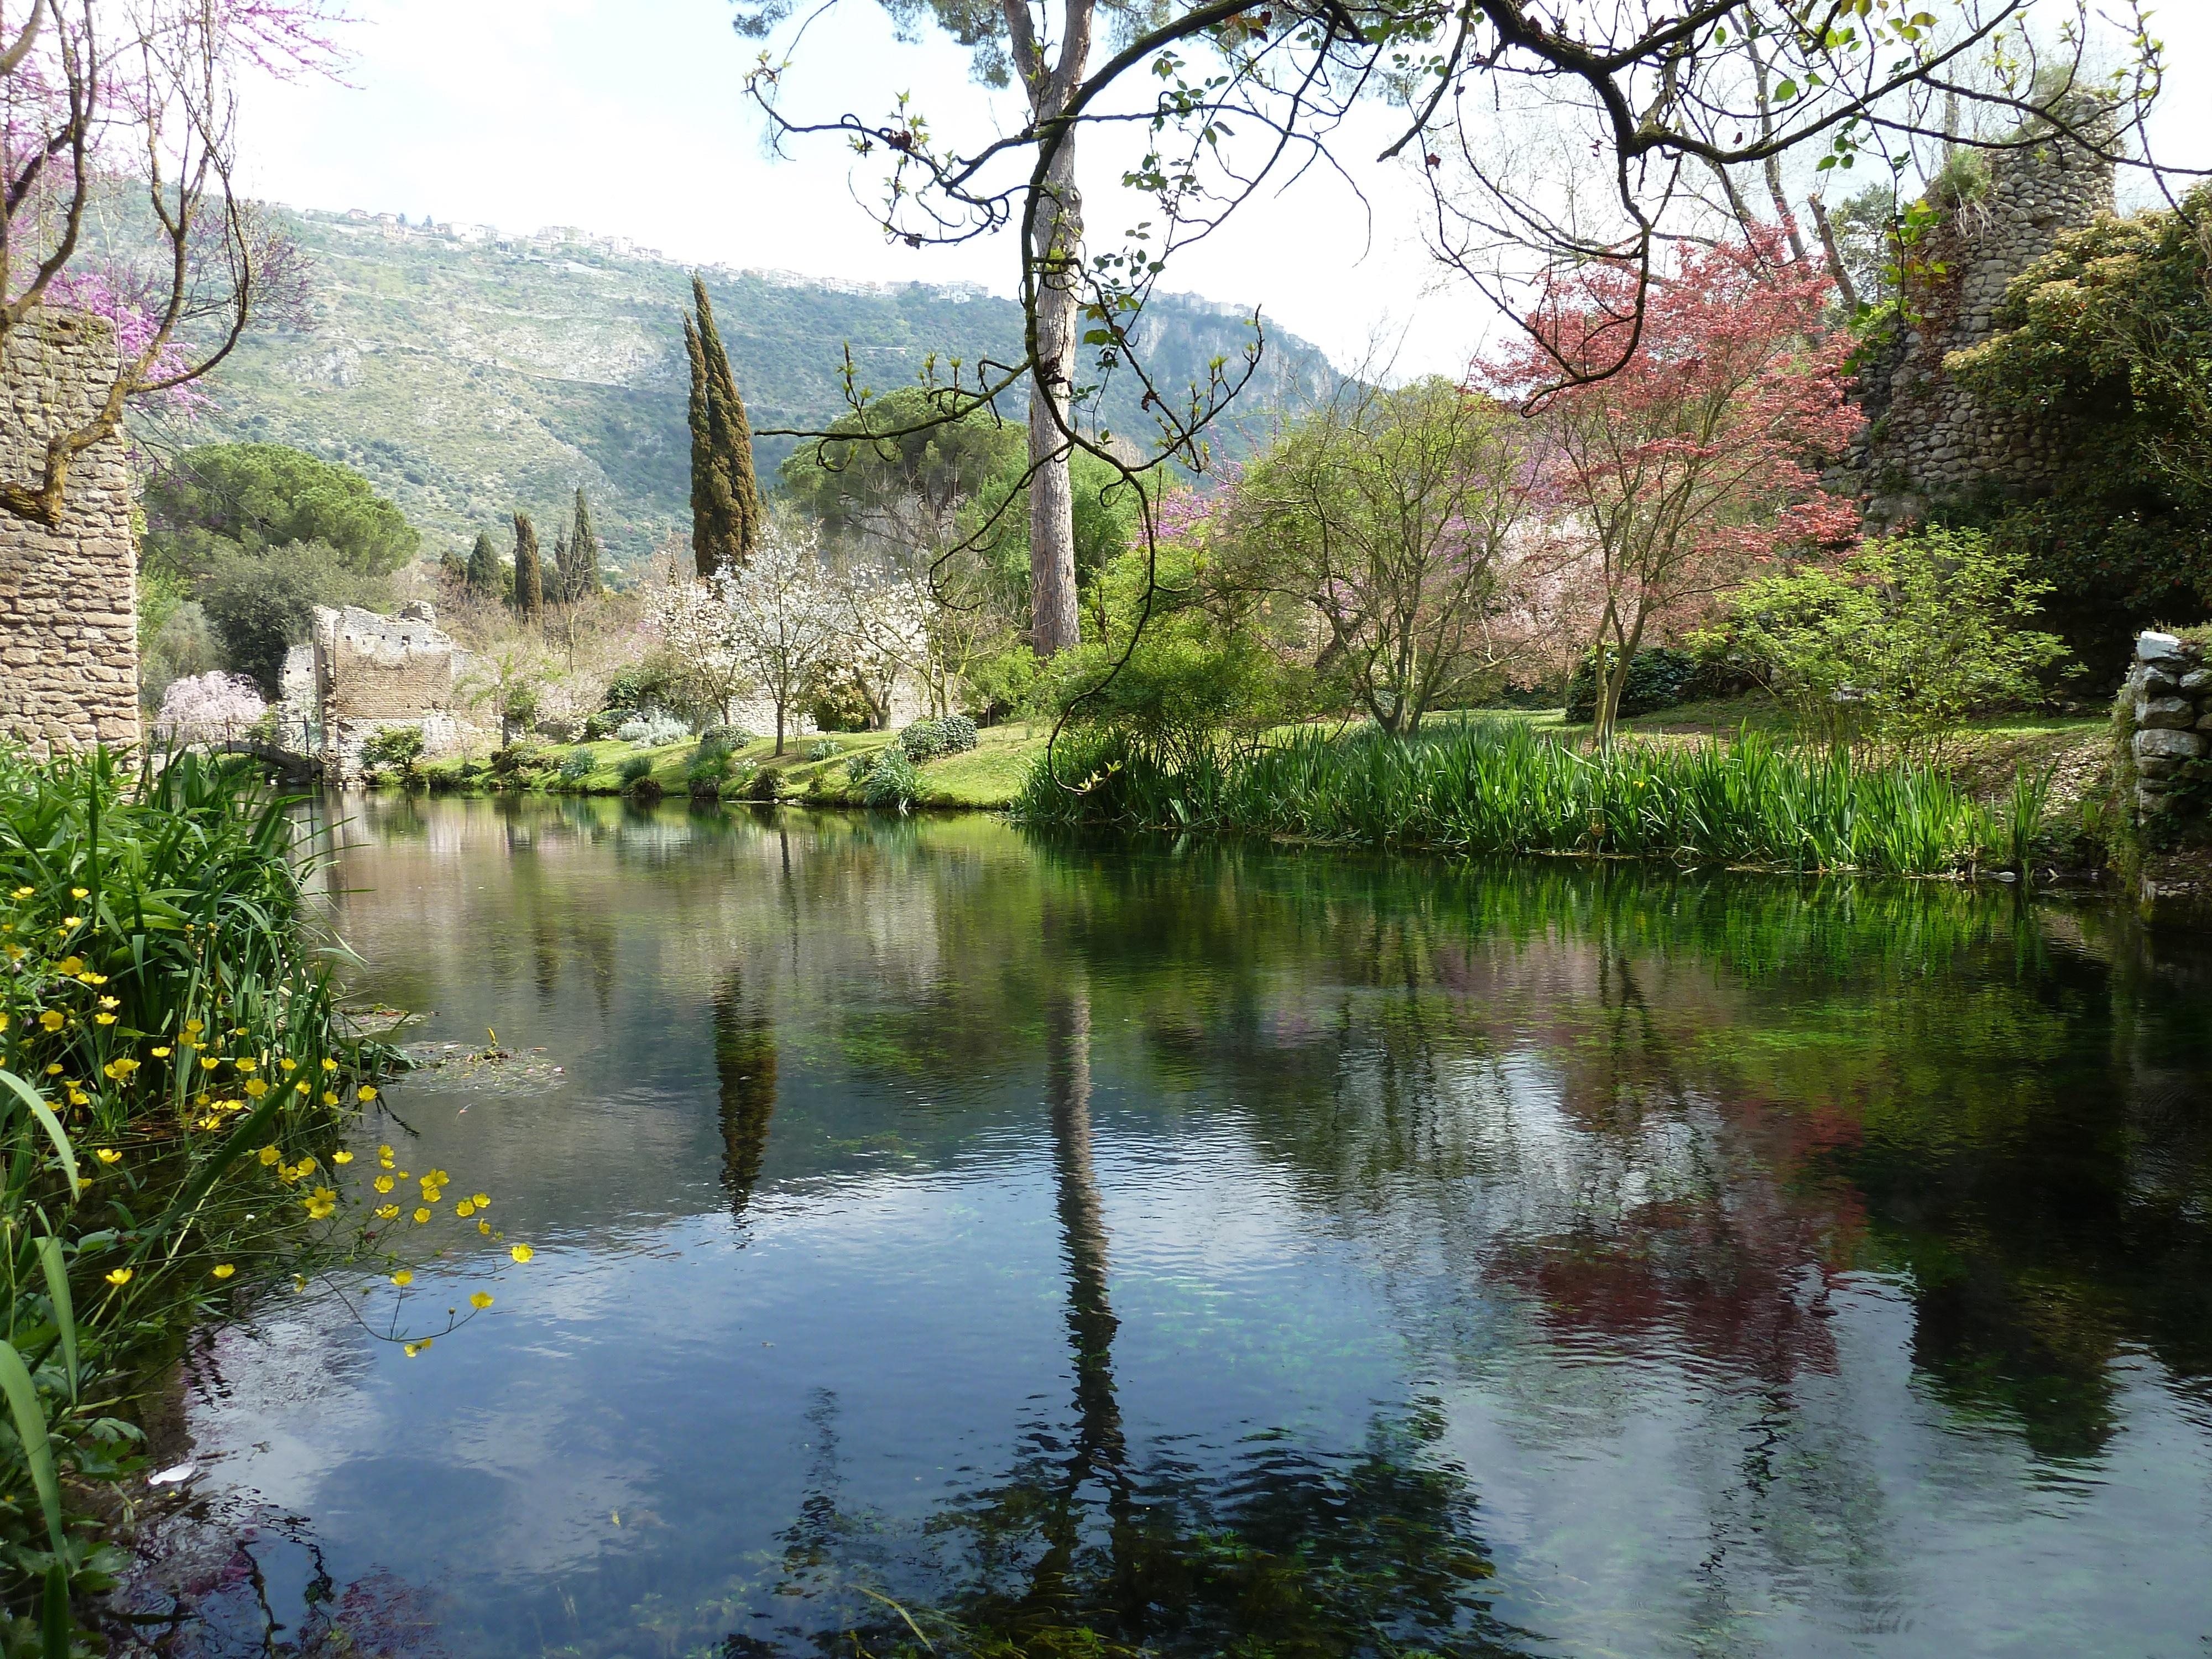 Il meraviglioso giardino di ninfa tra essenze floreali - Il giardino di ninfa ...